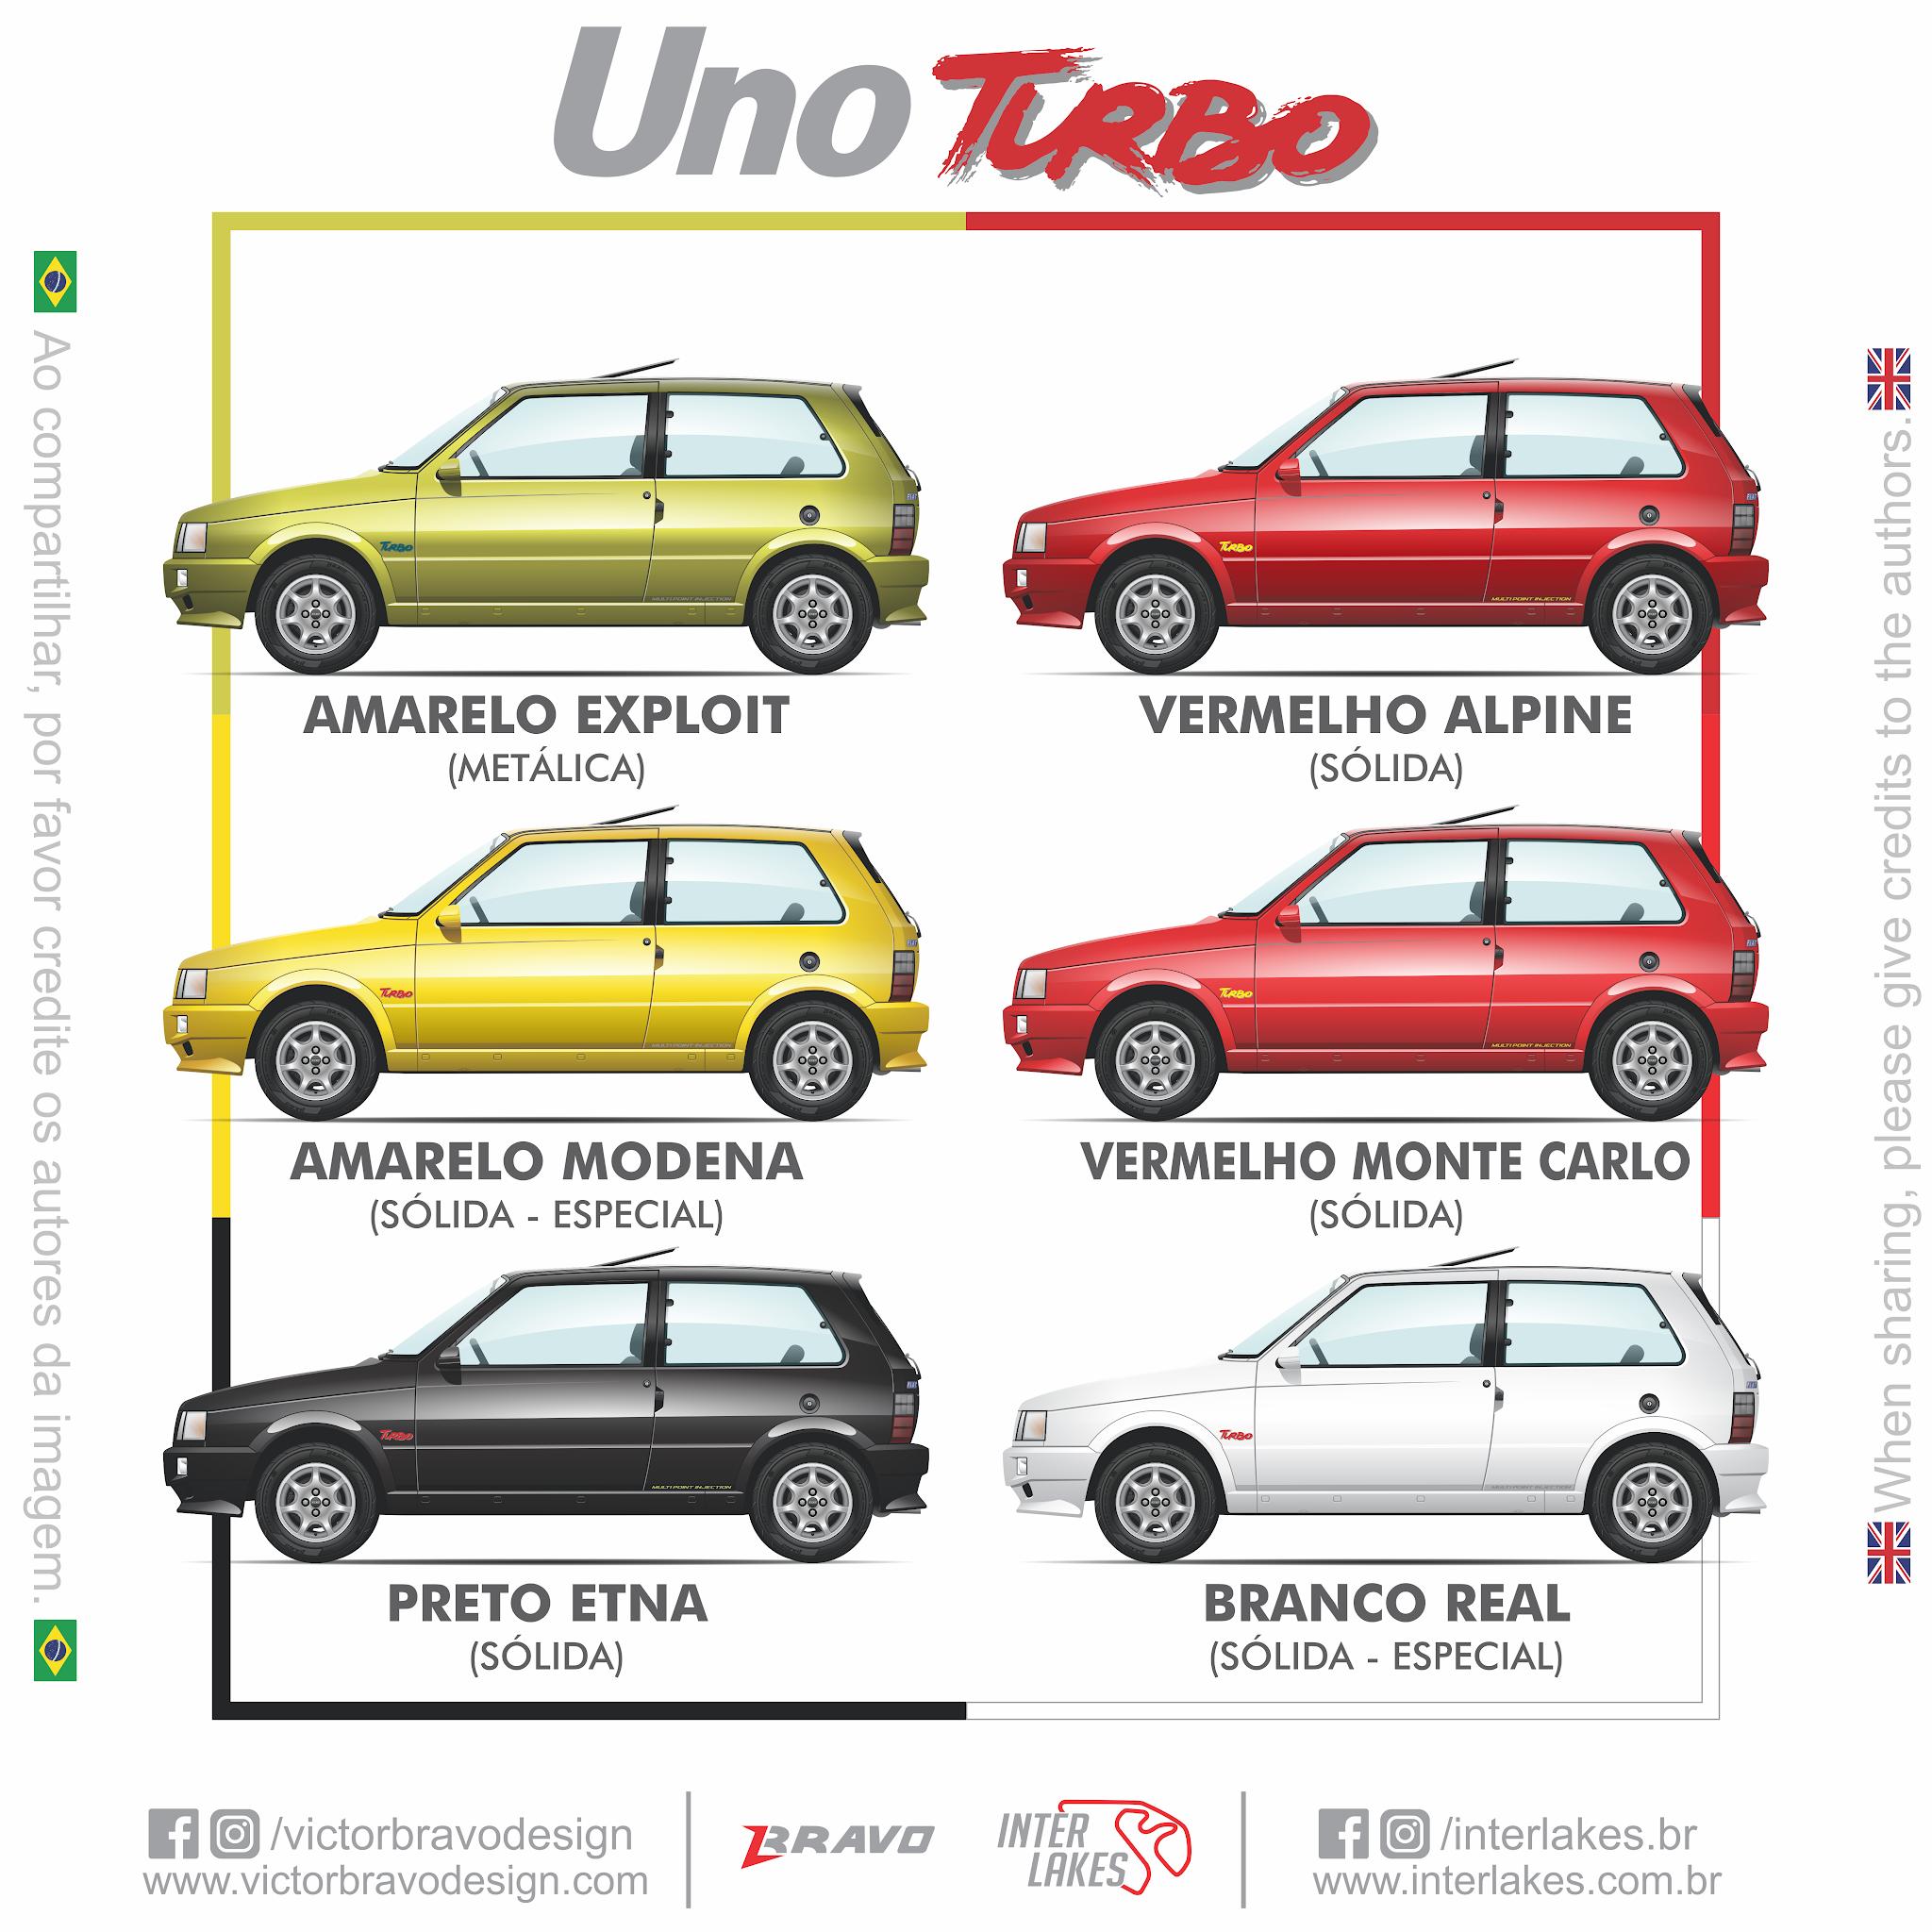 Imagem mostrando os desenhos com as cores do Fiat Uno Turbo i.e. ; Vermelho Alpine, Vermelho Monte Carlo, Amarelo Modena, Amarelo Exploit, Preto Etna e Branco Real